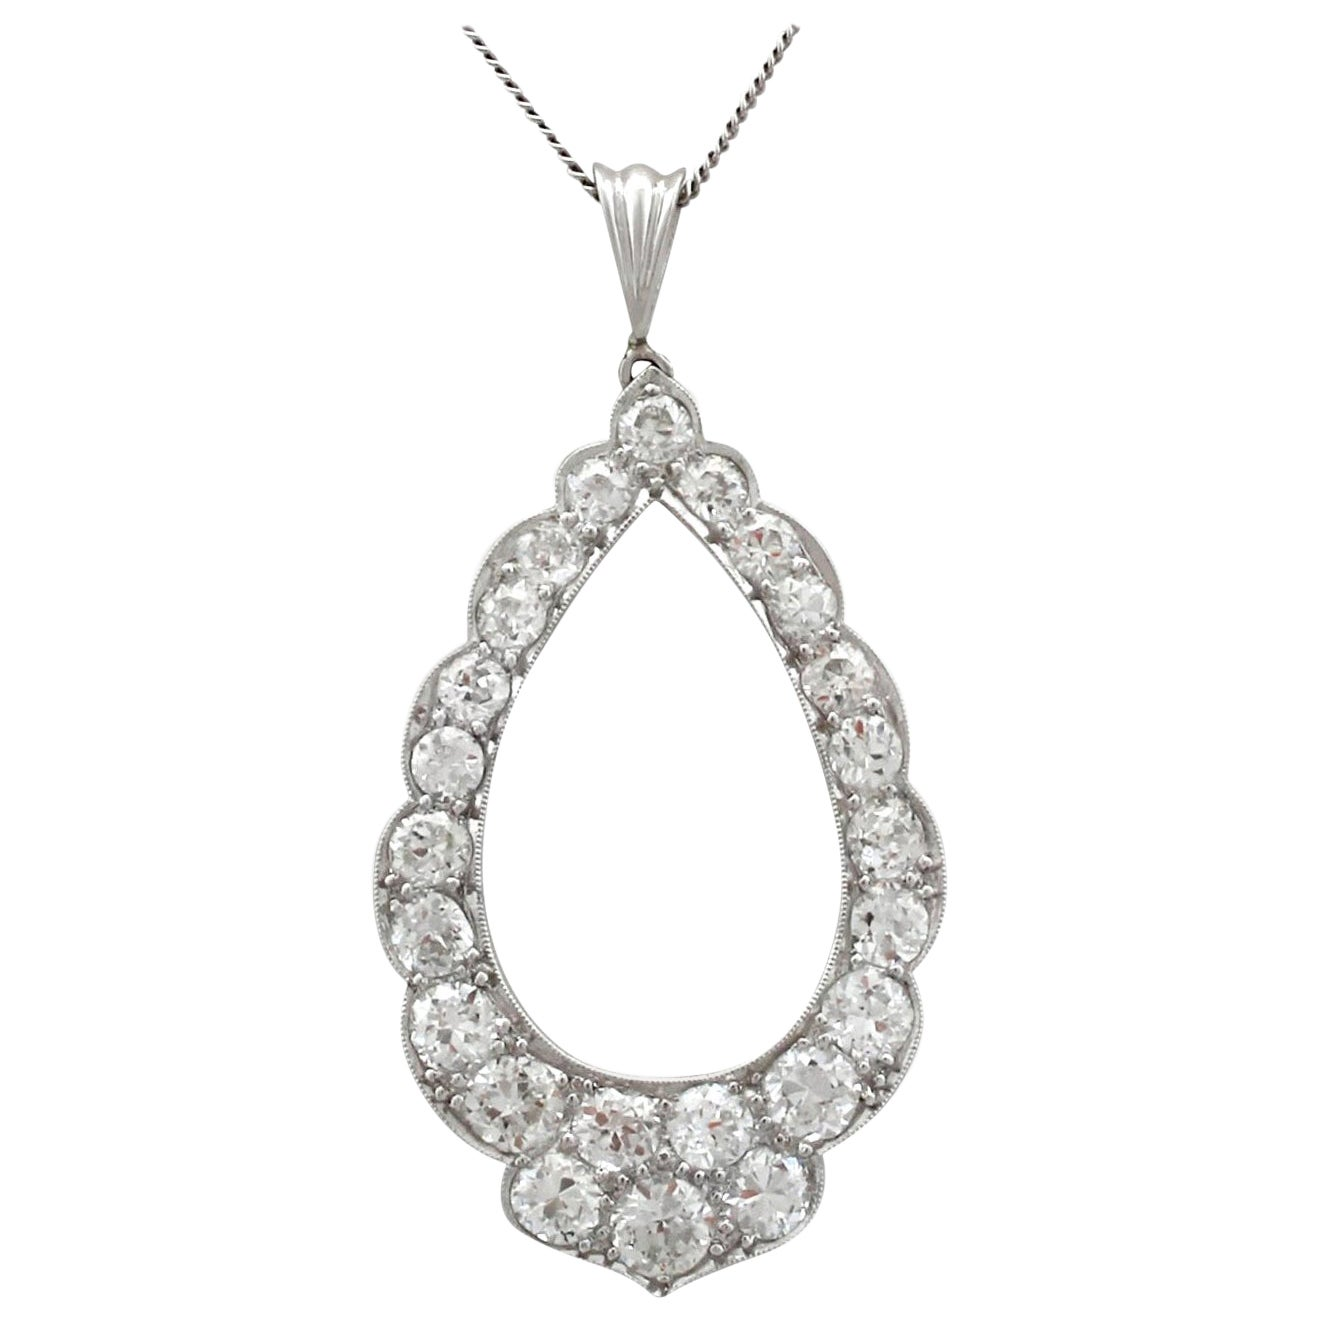 Antique 1910s 2.35 Carat Diamond and Platinum Pendant